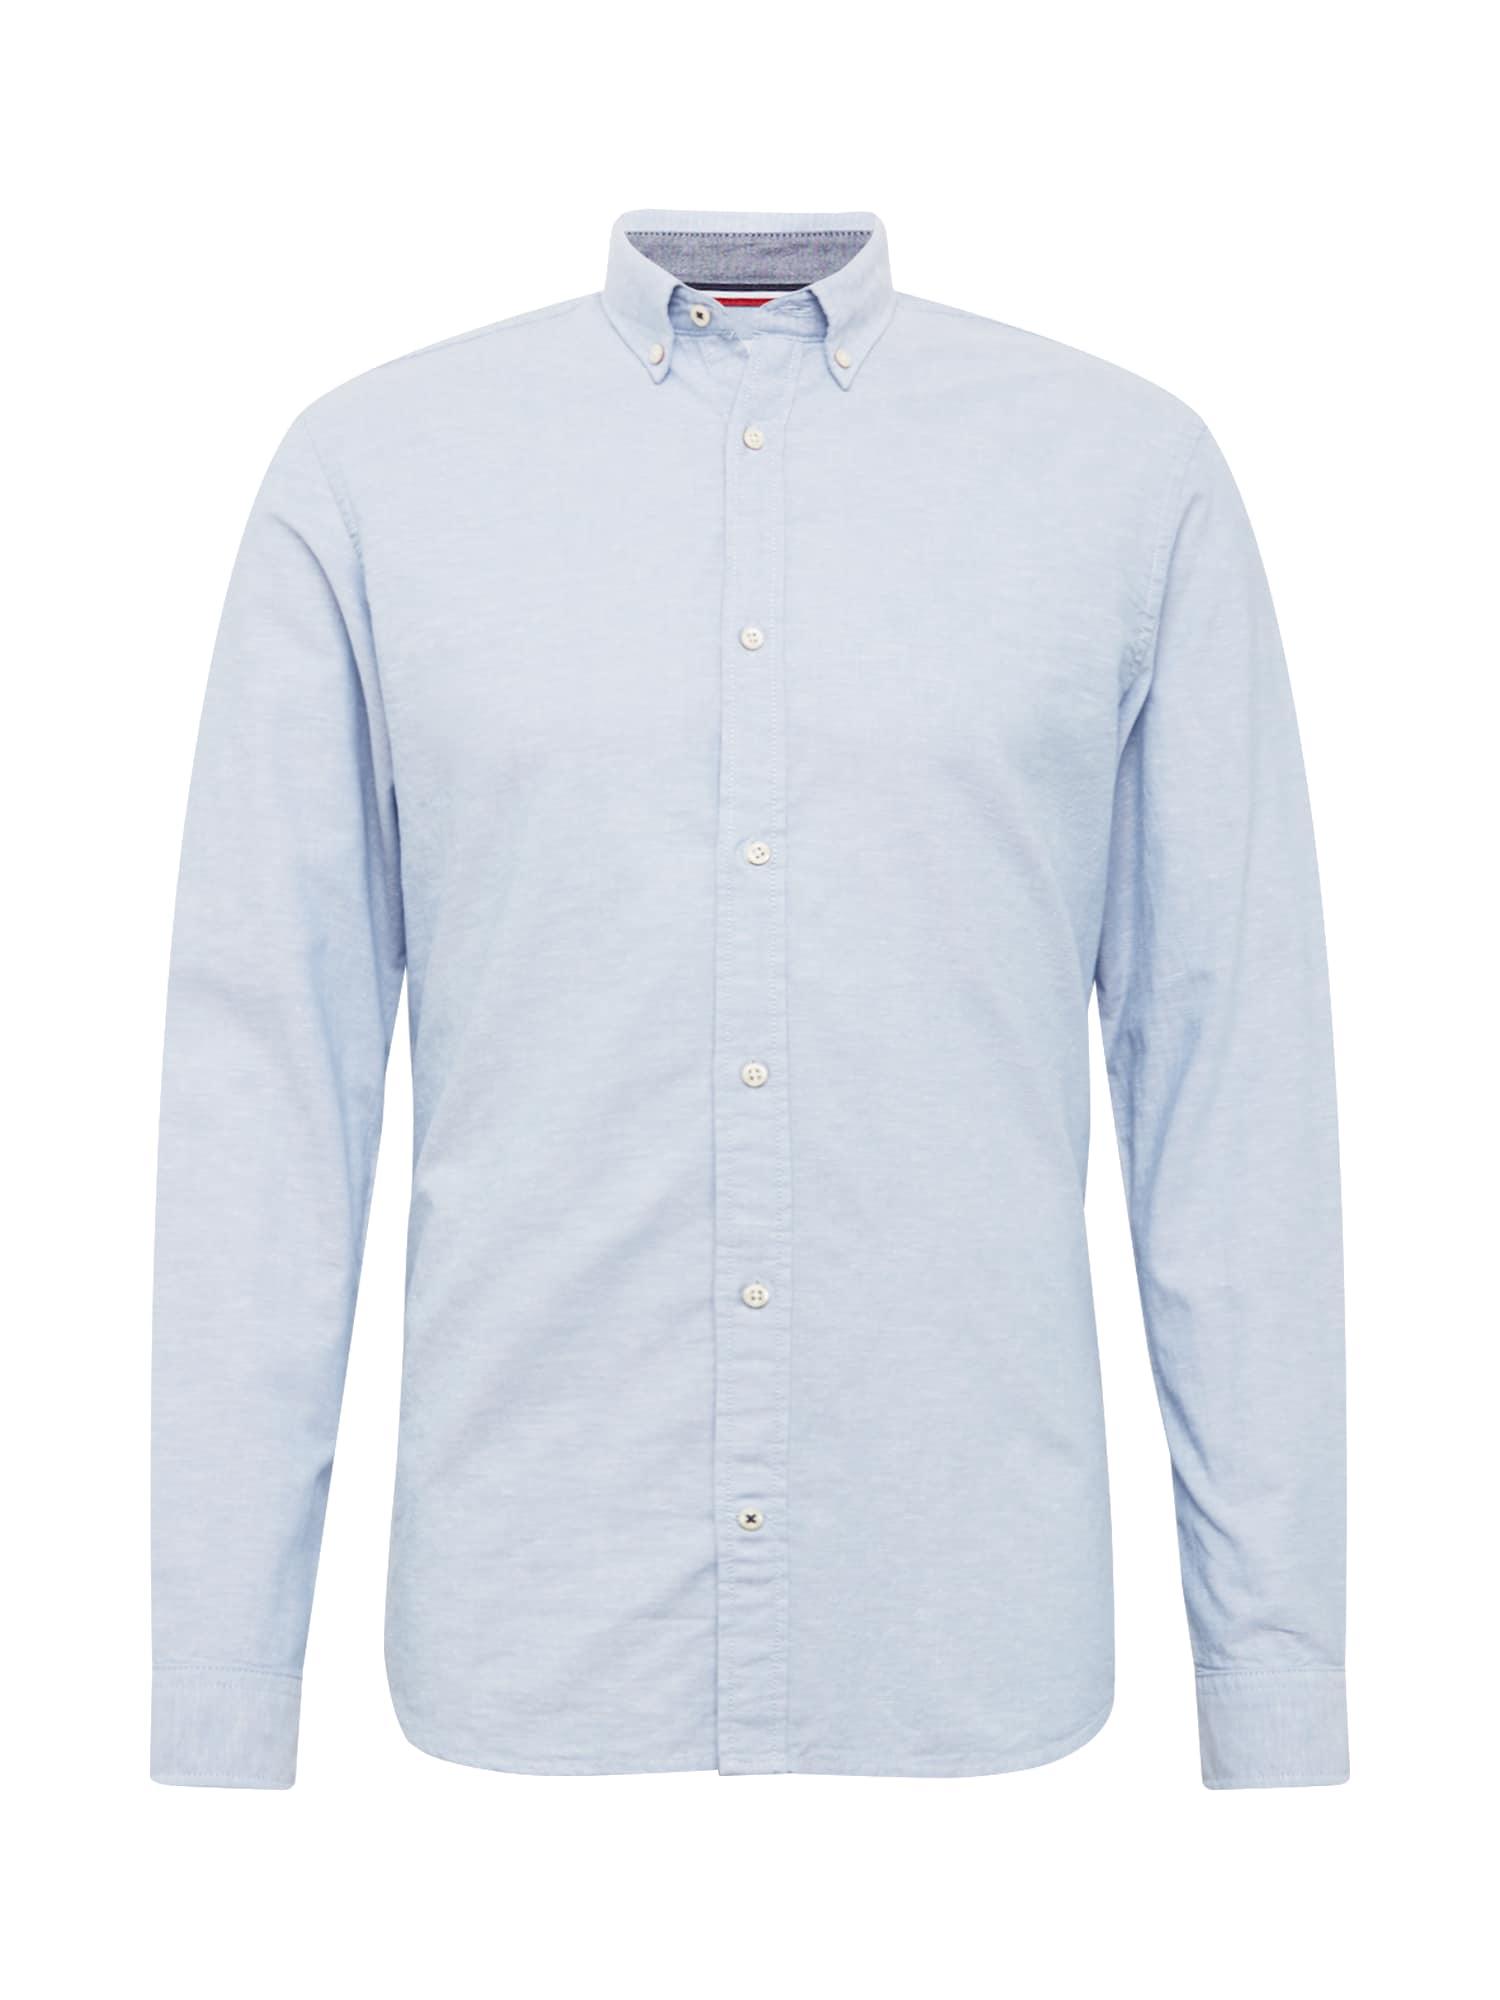 JACK & JONES Marškiniai opalo